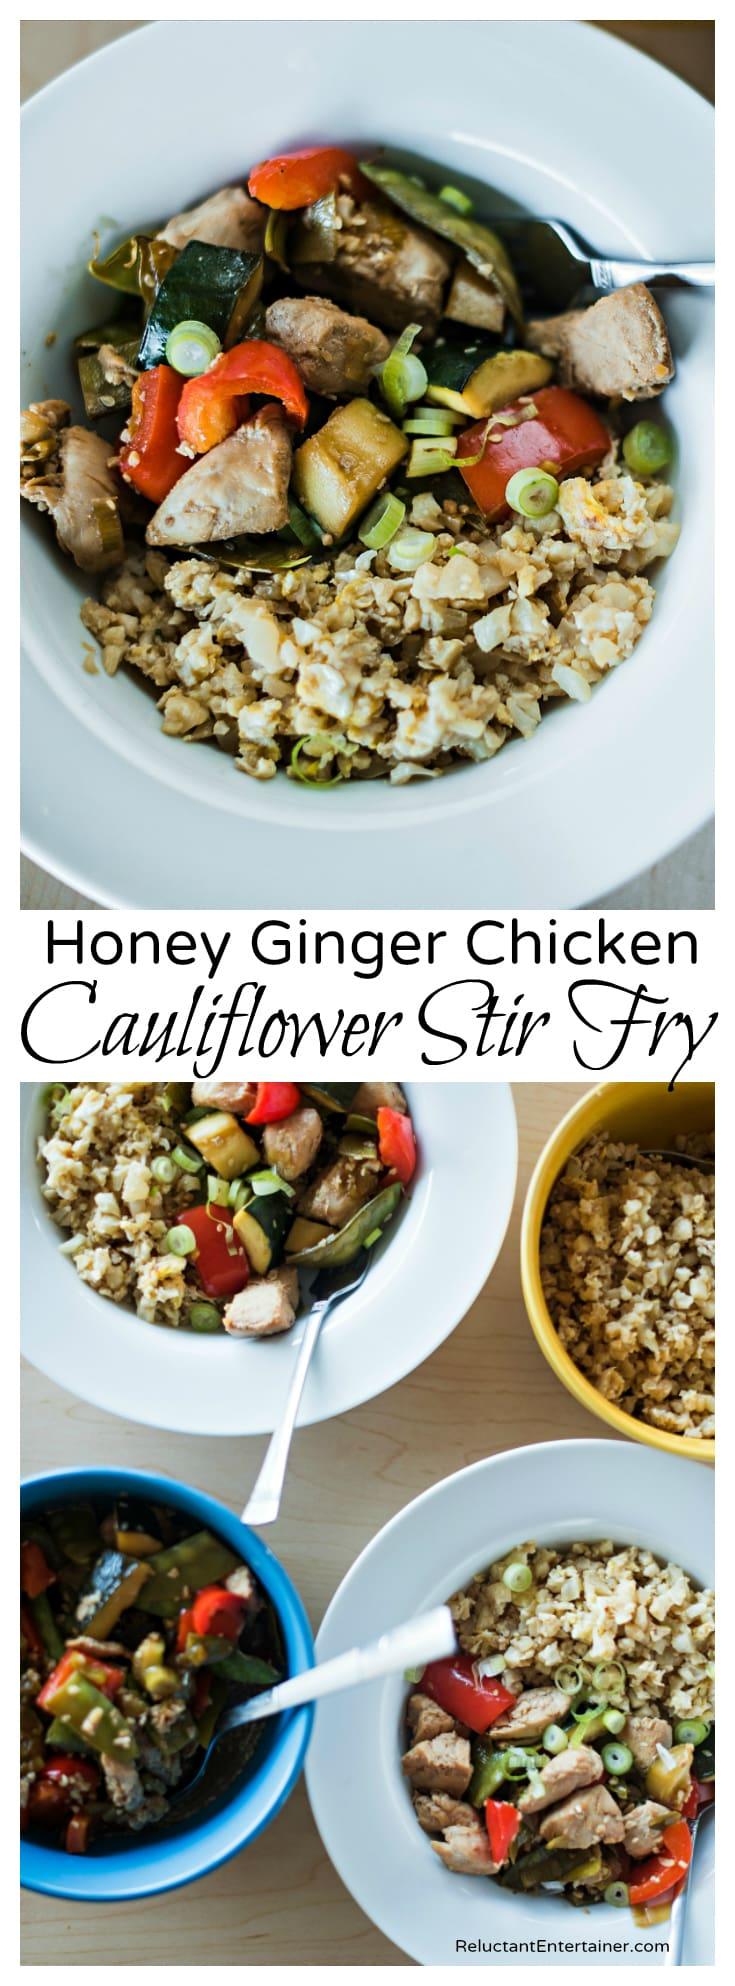 Honey Ginger Chicken Cauliflower Stir Fry